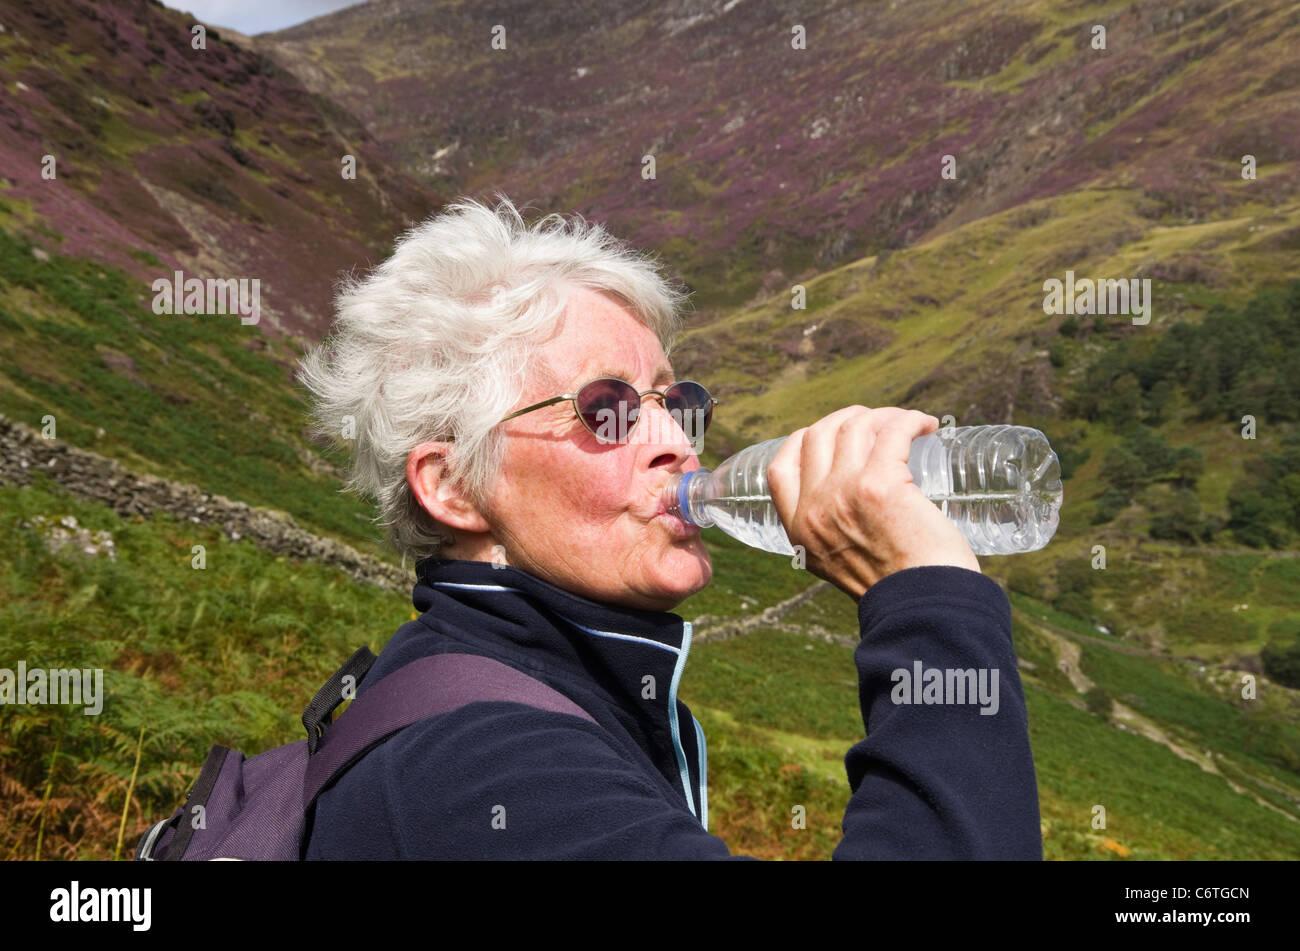 Soif active senior woman Walker de l'eau en bouteille de boisson une bouteille en plastique tandis que dehors Photo Stock